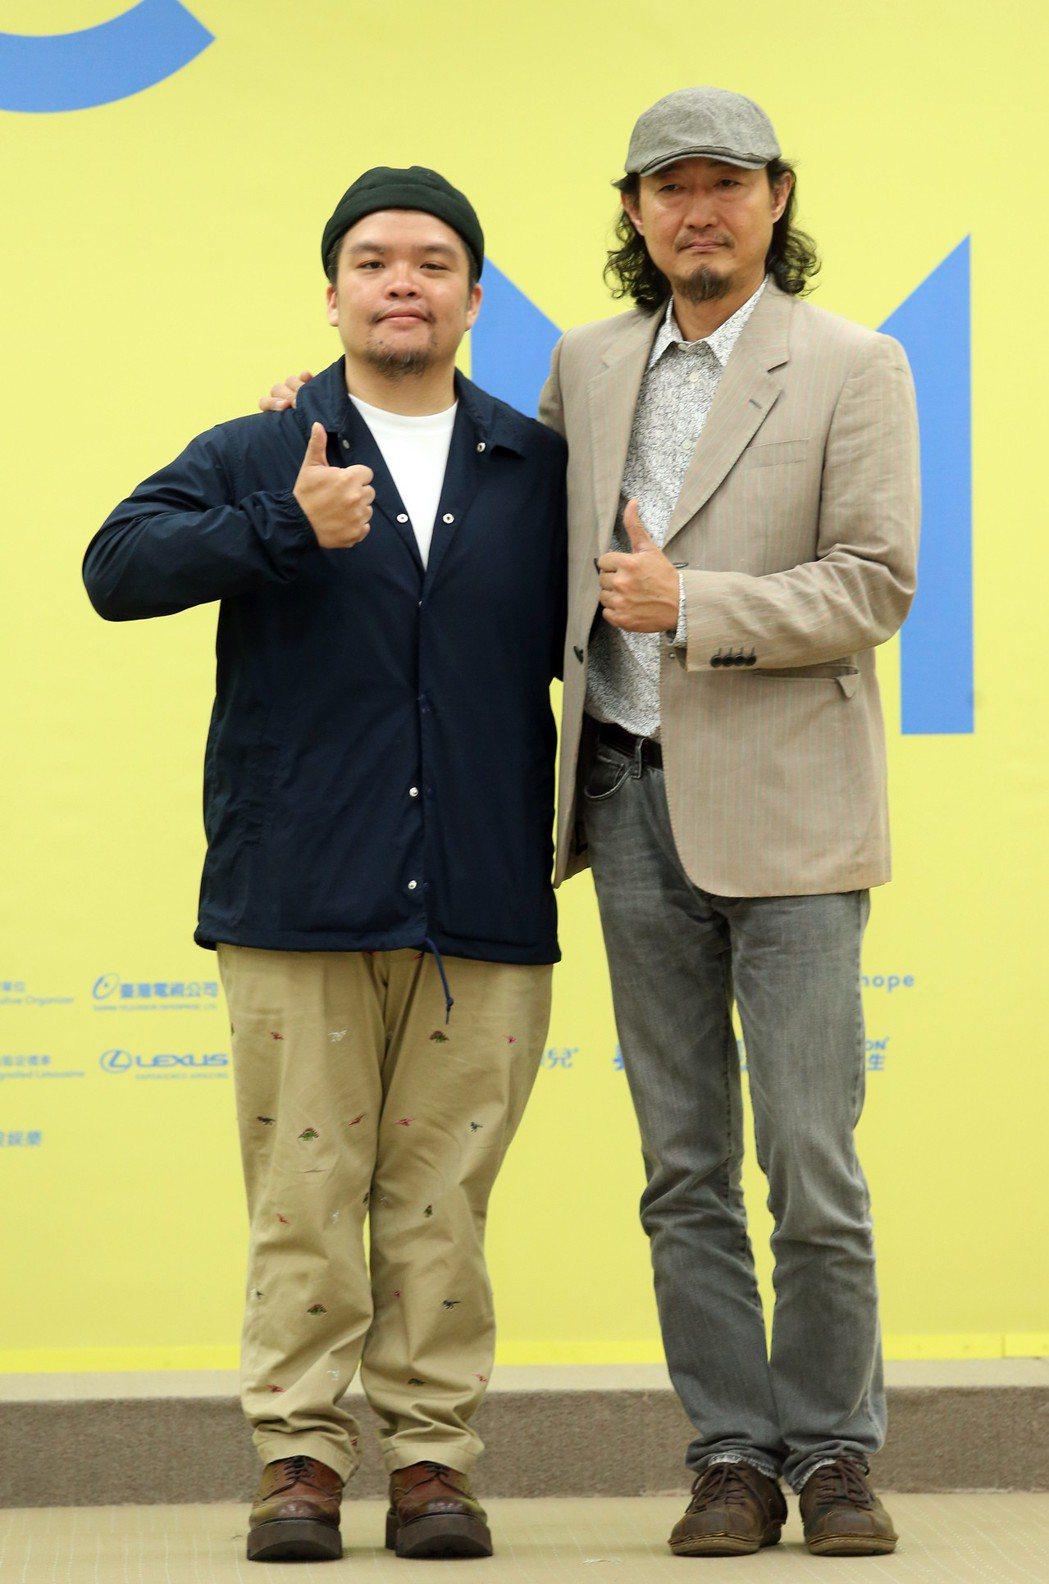 迪拉胖(左)、鍾興民(右)出席金曲音樂節起跑儀式。記者徐兆玄/攝影